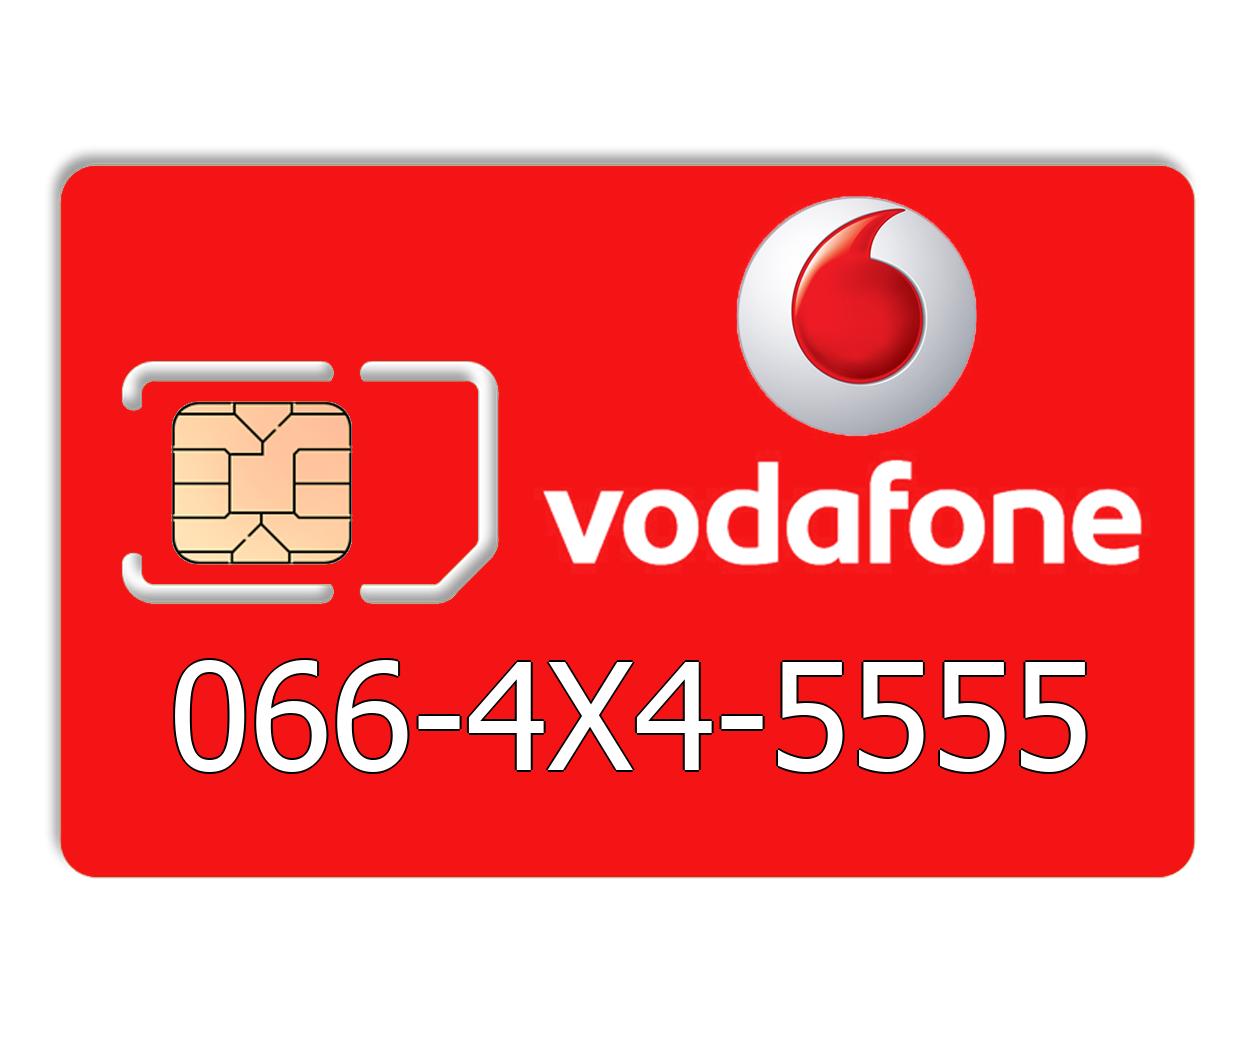 Красивый номер Vodafone 066-4X4-5555